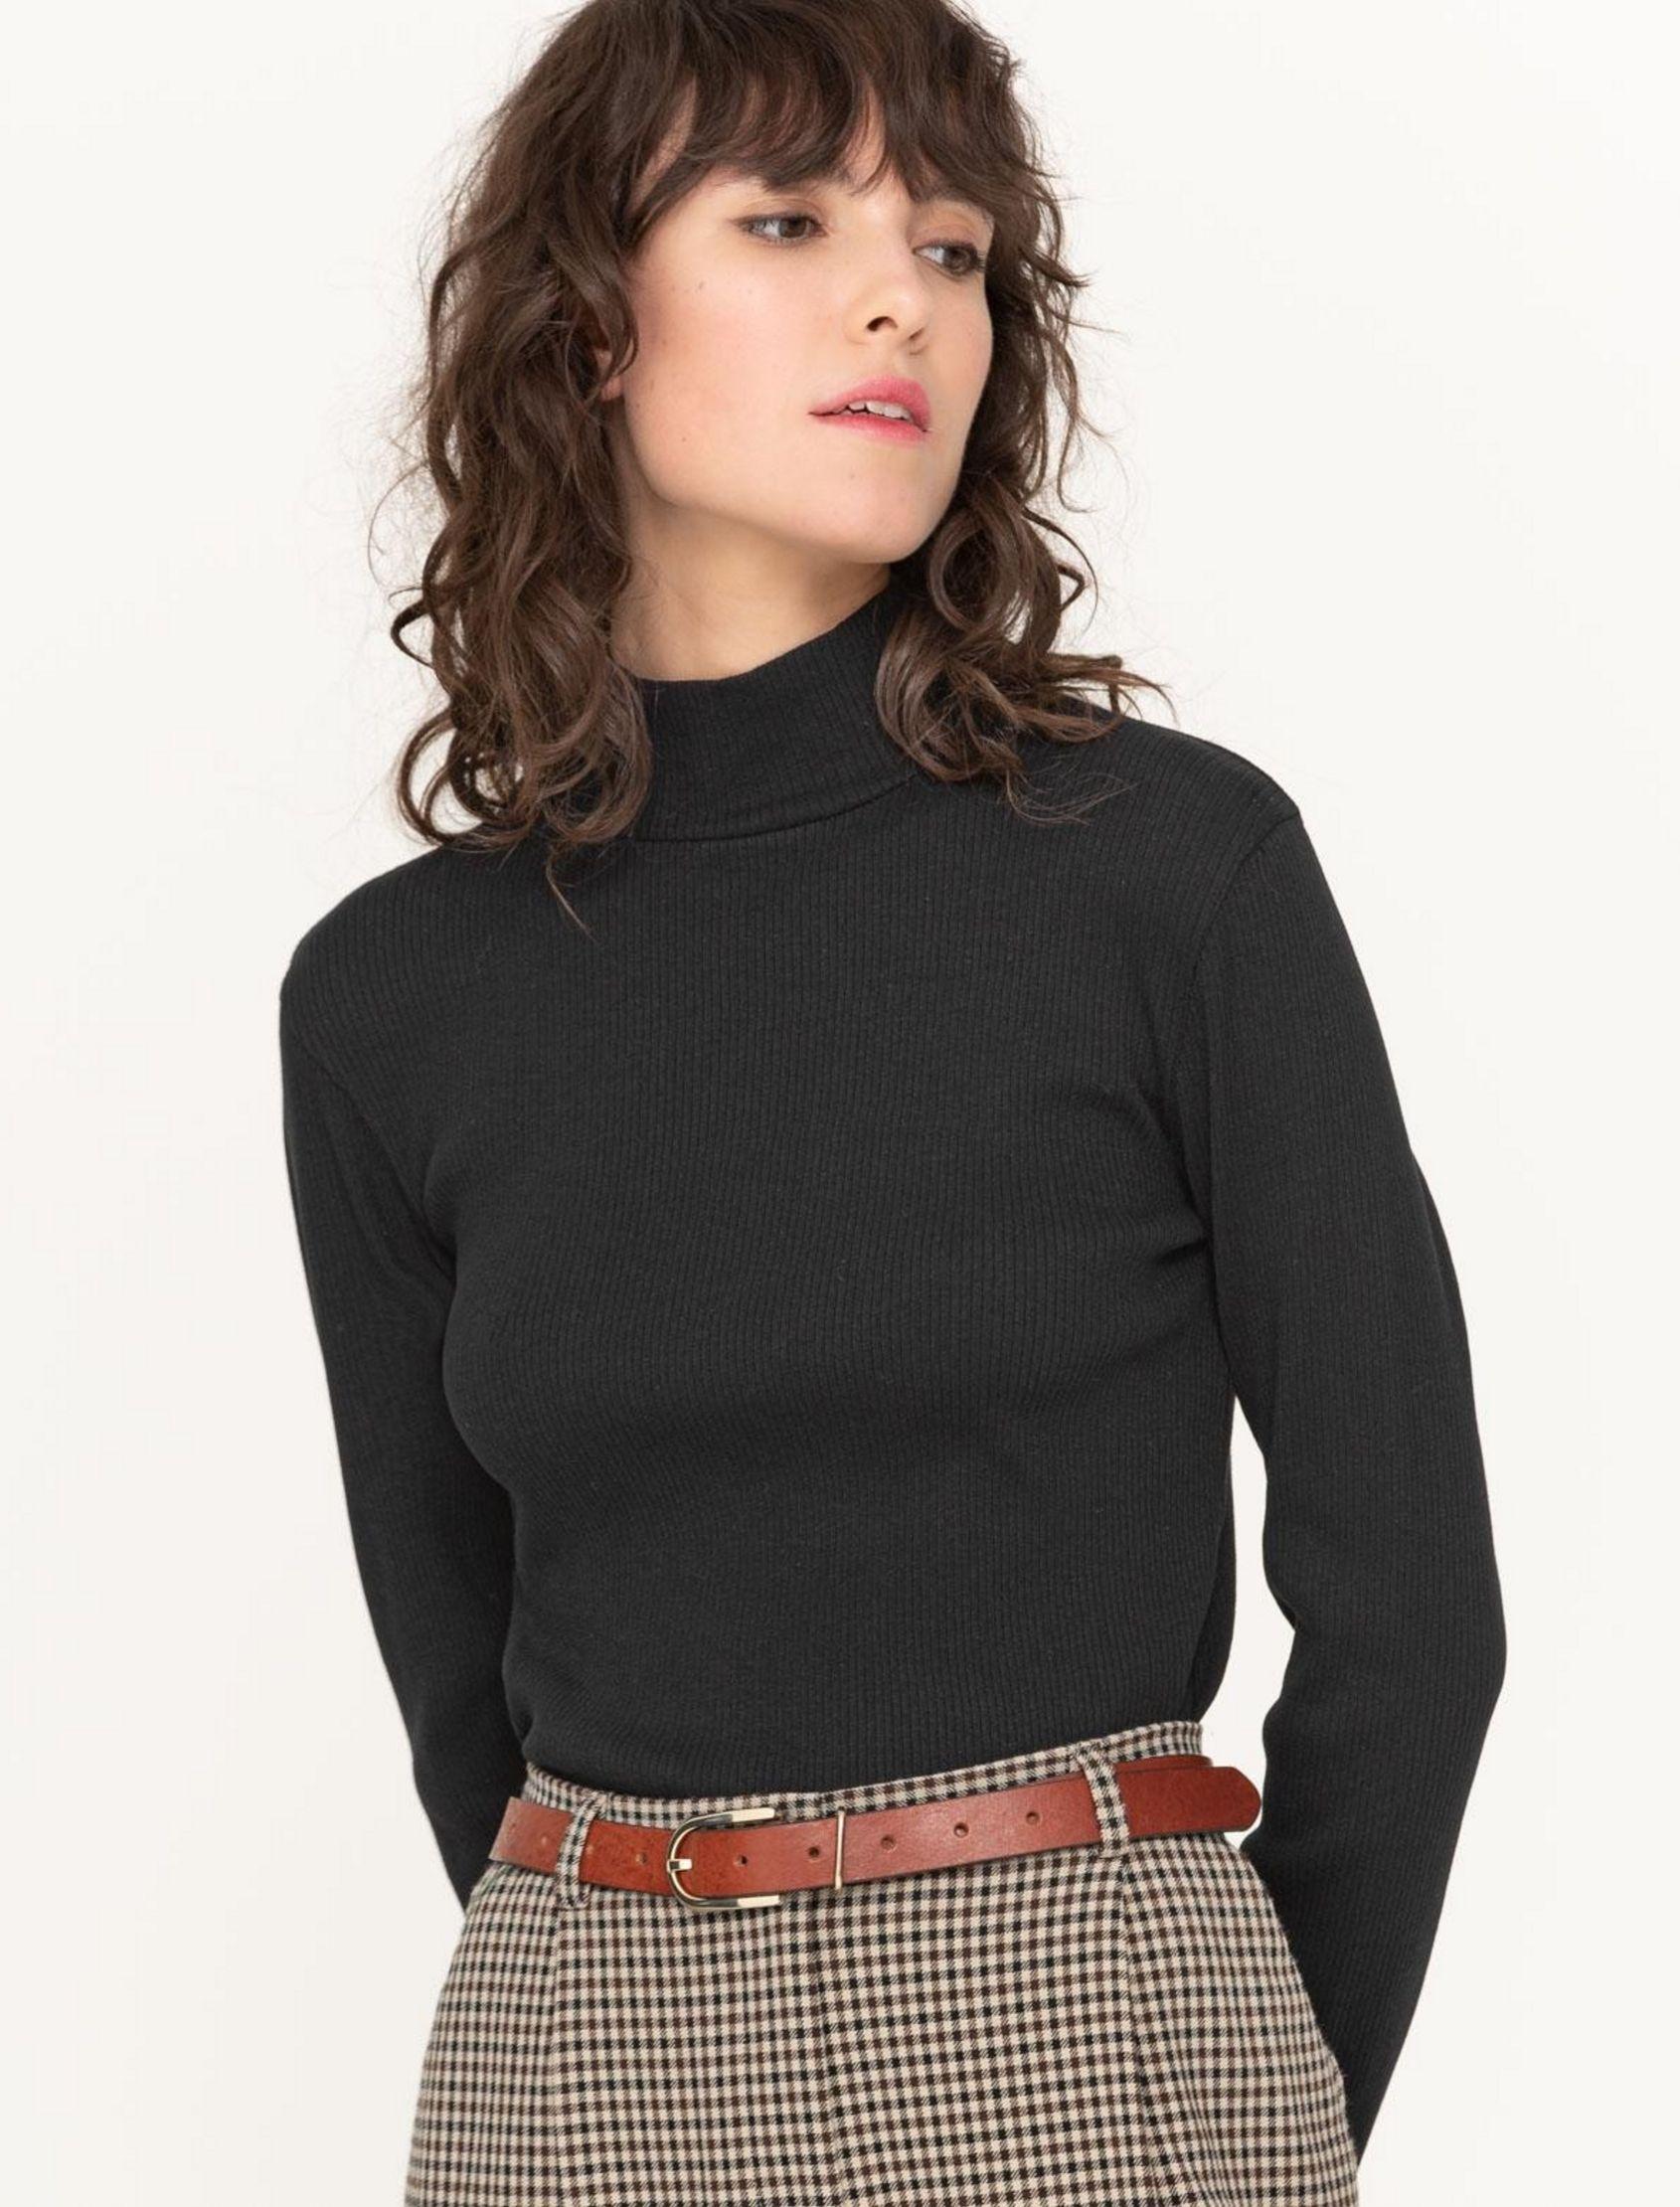 Camiseta cuello perkins básica de yerse con punto. Color negor de mujer